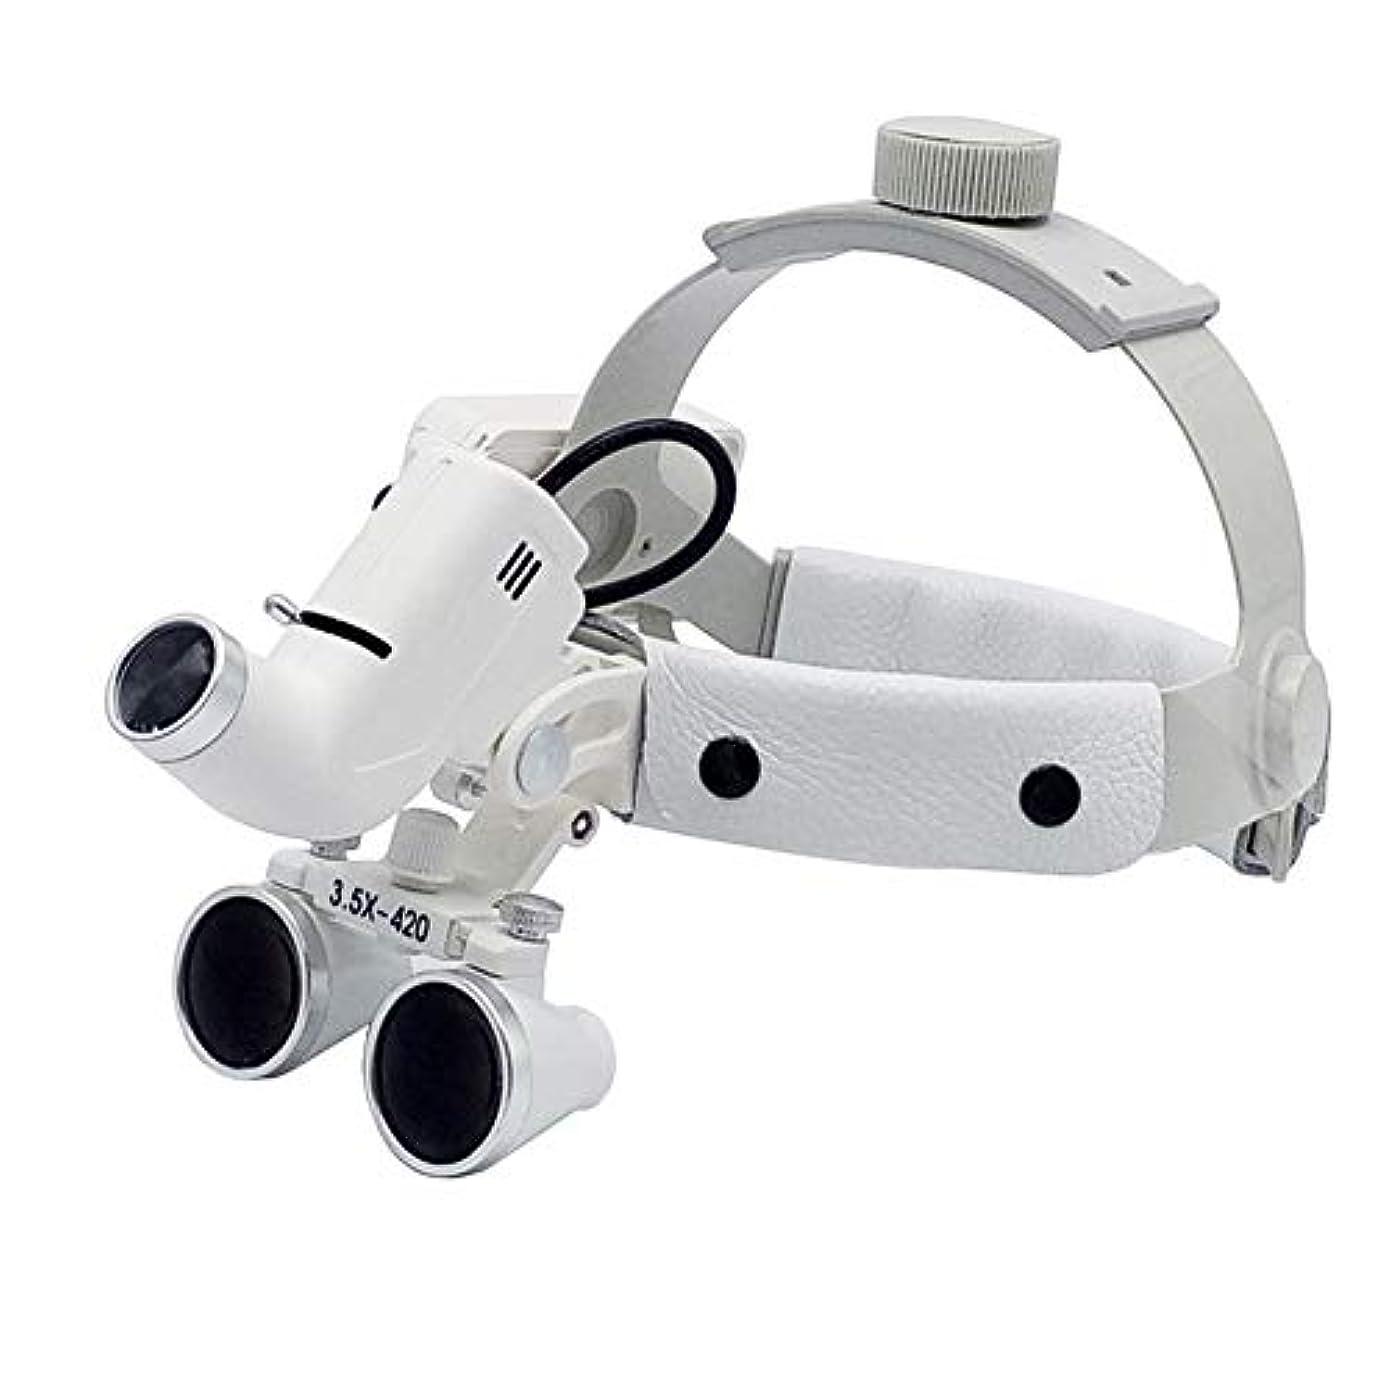 ヘビ光電船酔いLED外科ヘッドライト3.5X420mmレザーヘッドバンド双眼ルーペメガネヘッドバンド拡大鏡高輝度ランプ